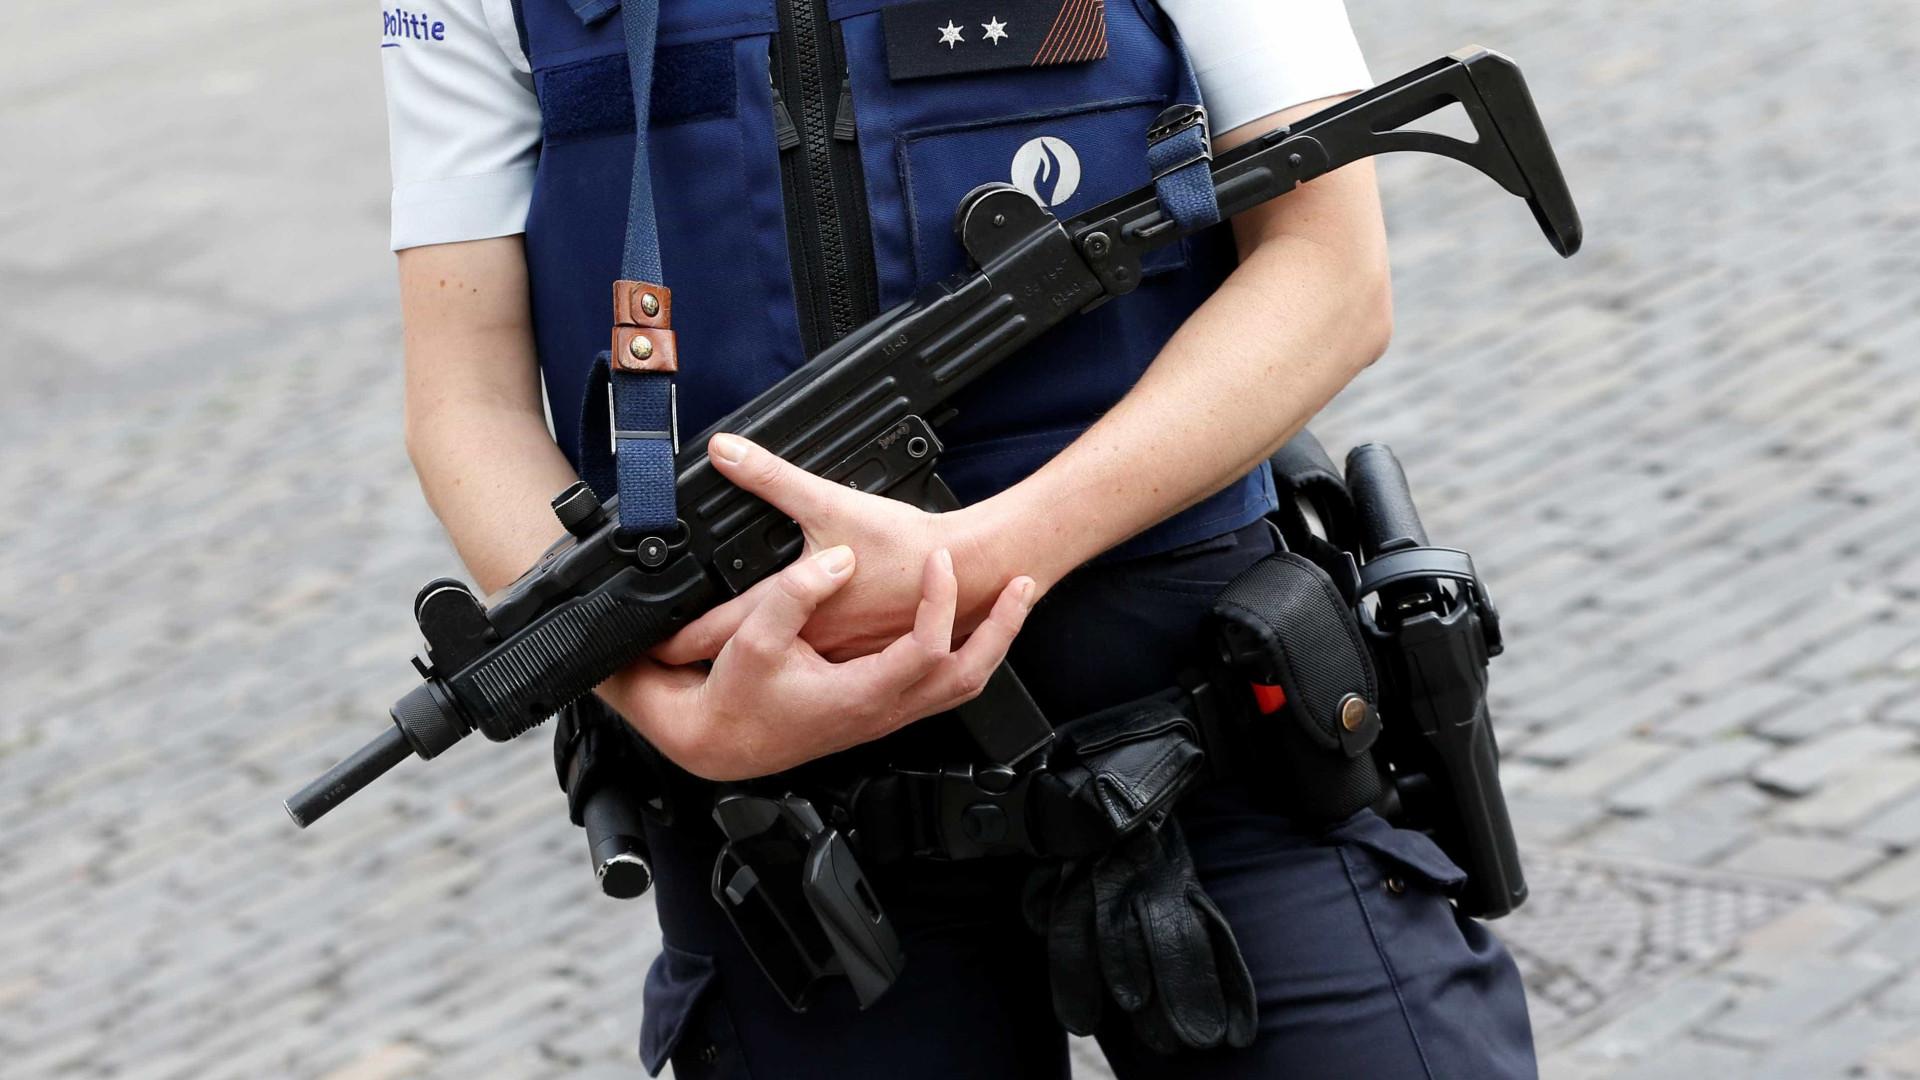 """Polícias belgas atacados com catana. Suspeito gritou """"Allahu Akbar"""""""